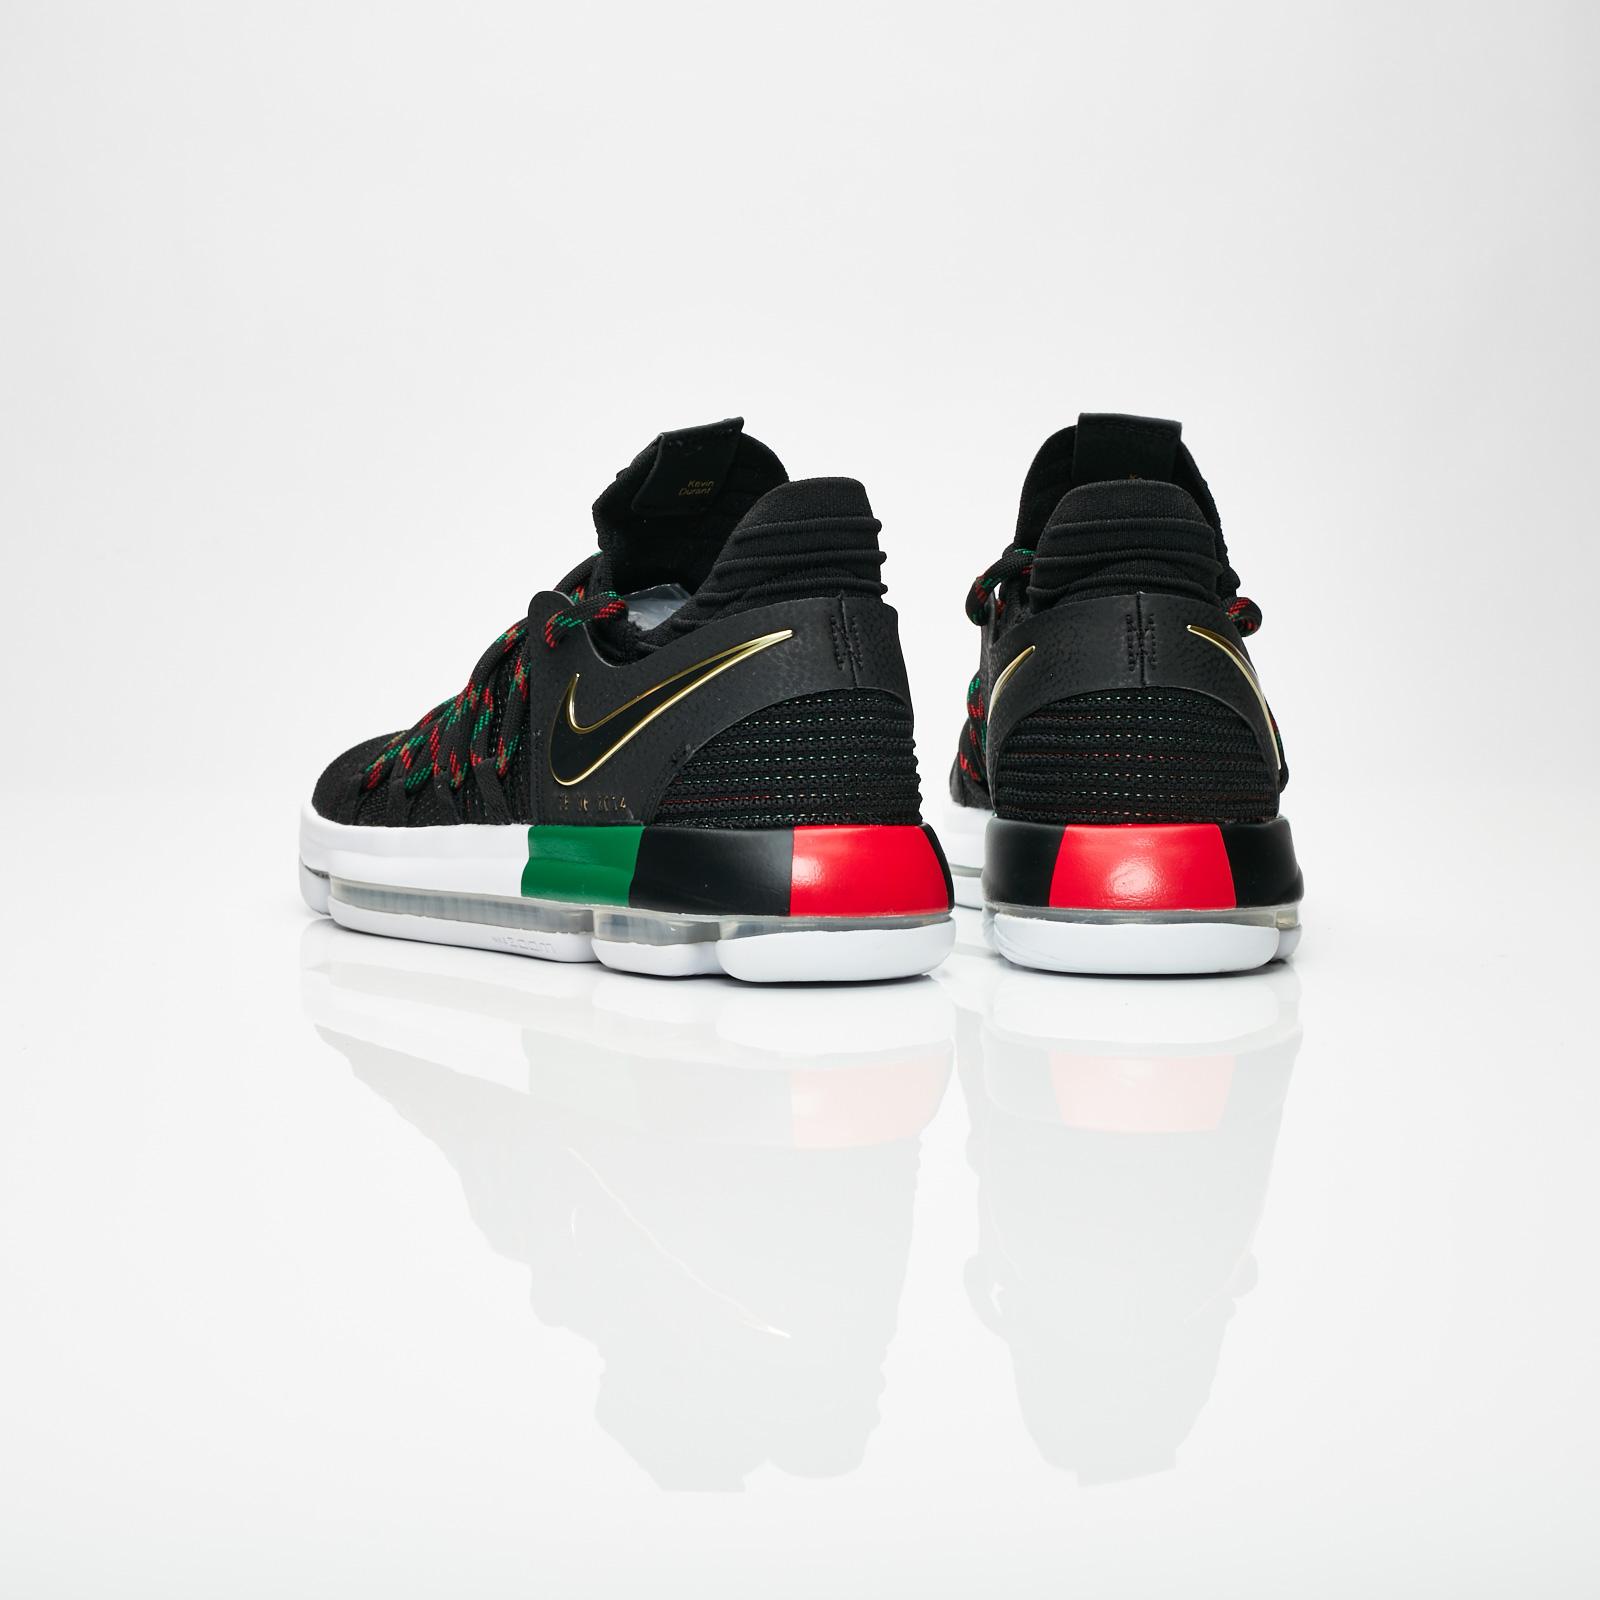 d7fcedde755a2 Nike Zoom KD10 BHM - 897817-003 - Sneakersnstuff